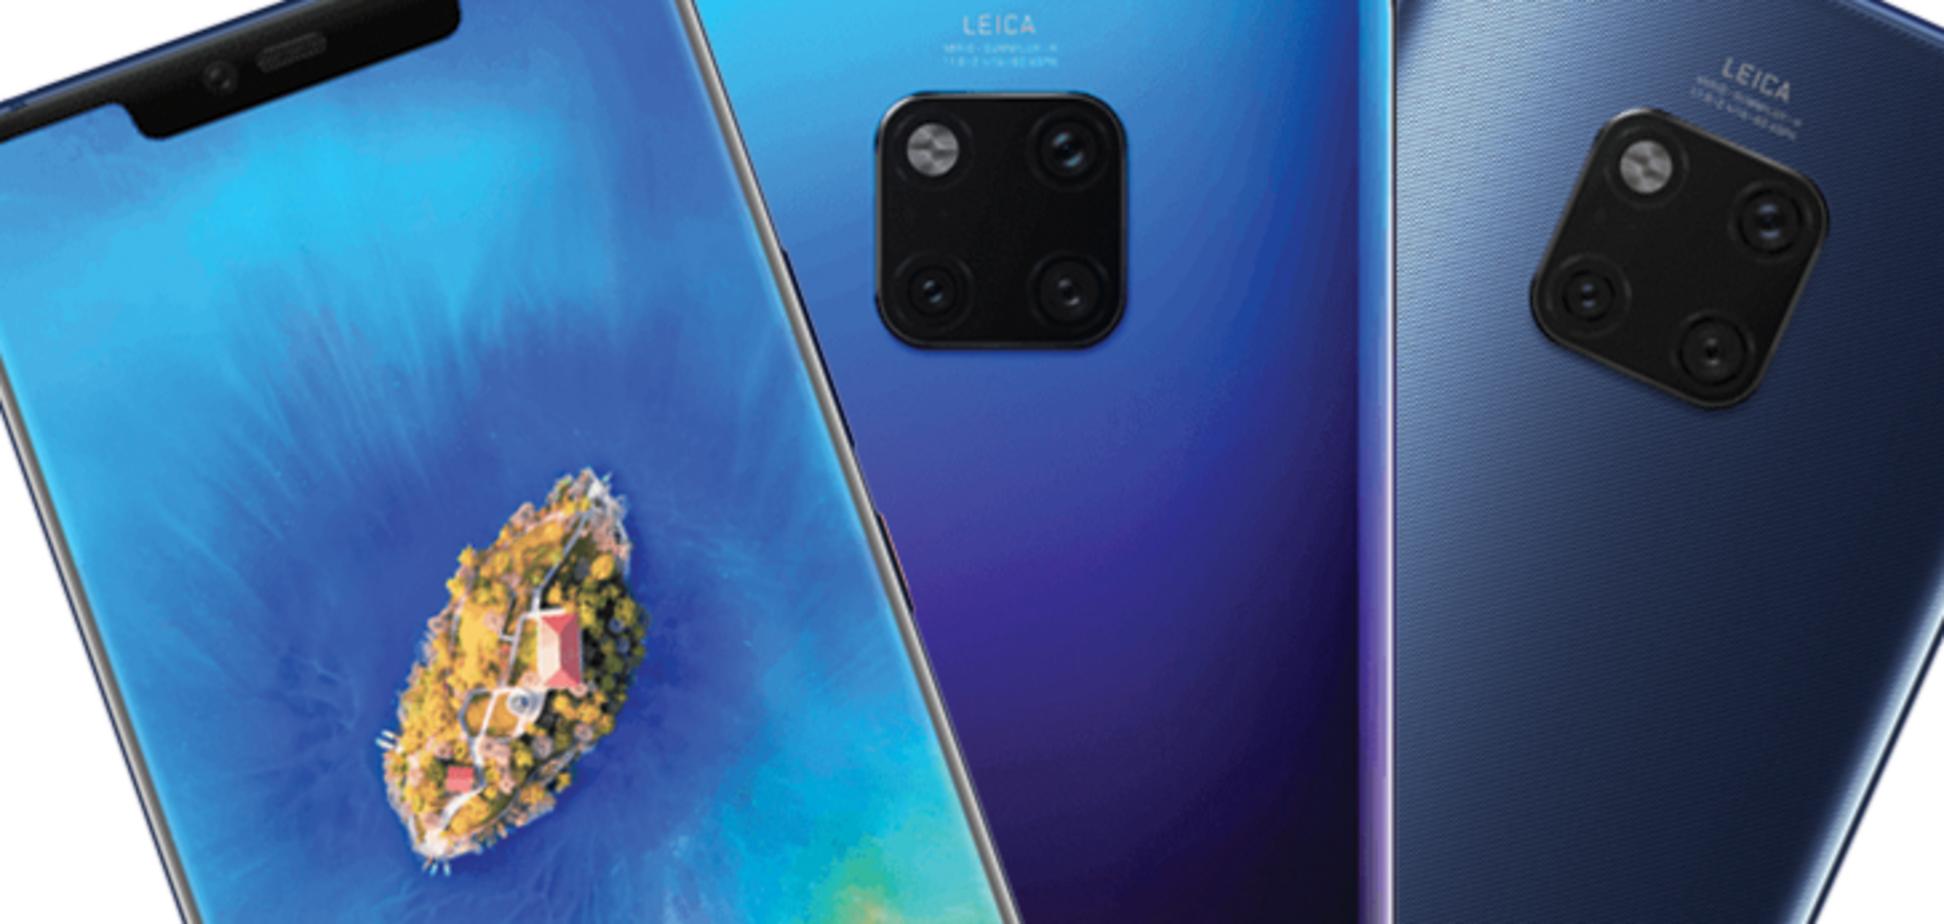 От 20 тысяч: рассекречены цены новых смартфонов от Huawei